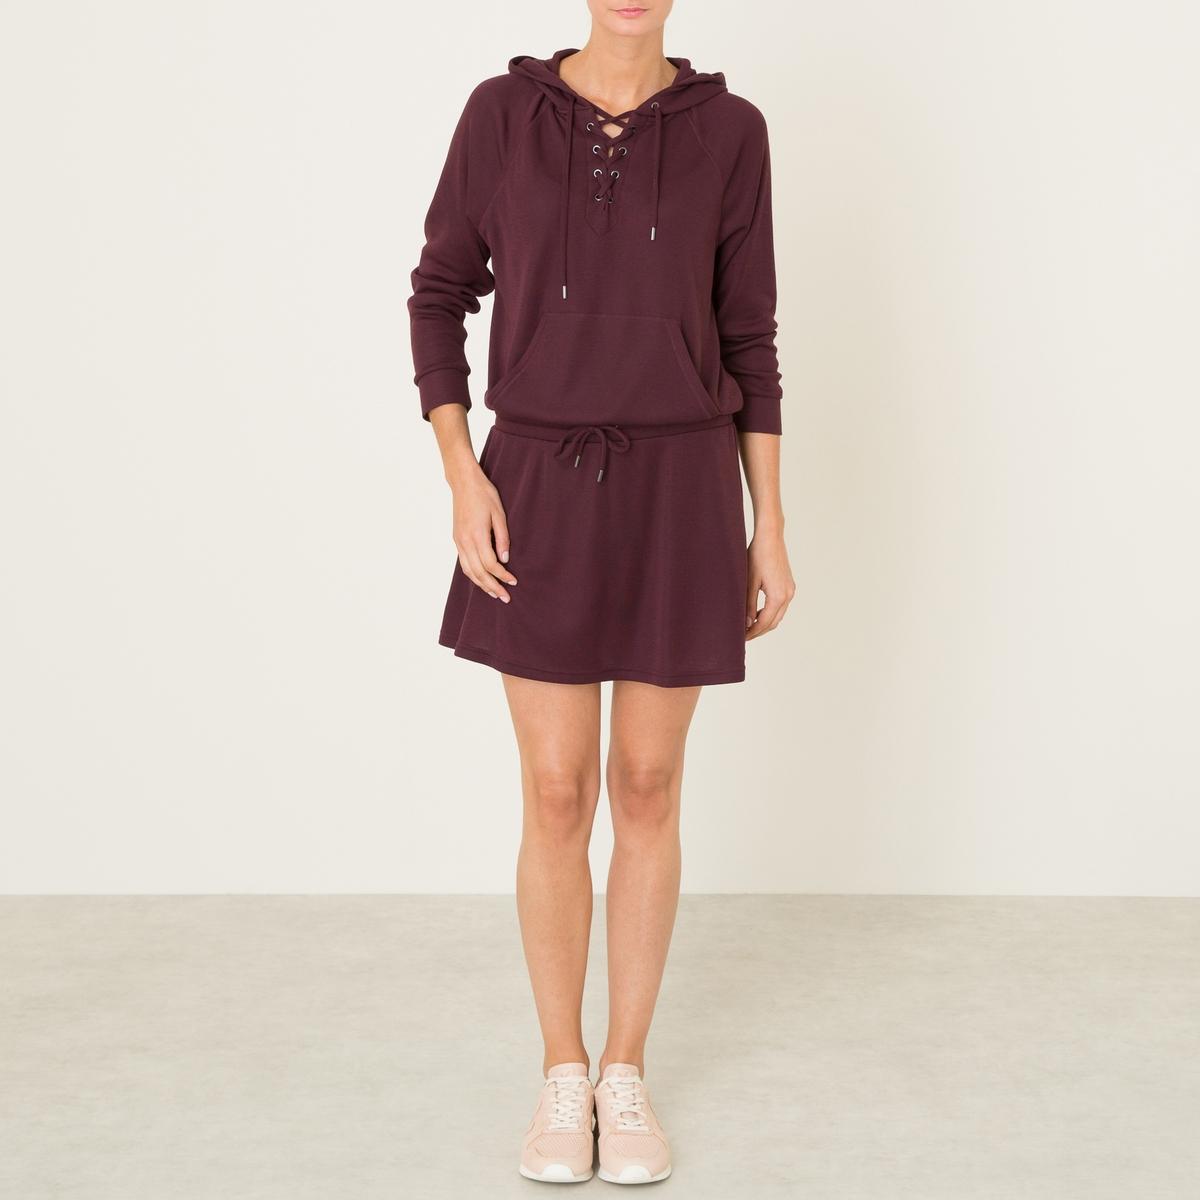 Платье-пуловер с капюшономСостав и описание :Материал : 100% полиэстерДлина : 96 см. (для размера 36)Марка : THE KOOPLES SPORT<br><br>Цвет: бордовый